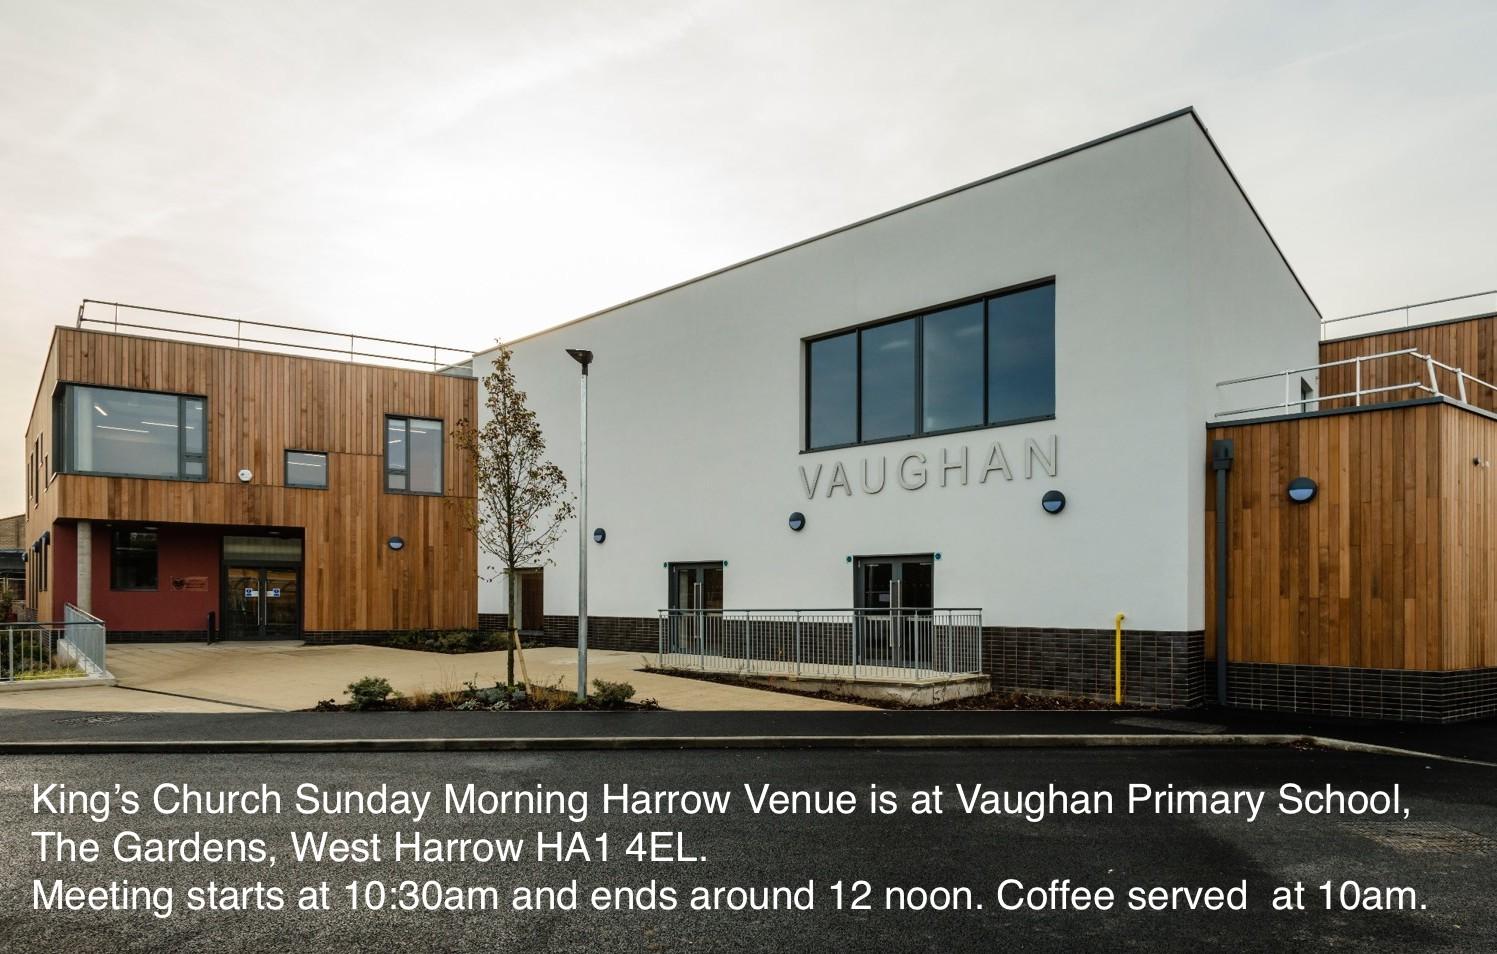 King's Church Harrow Sunday Venue